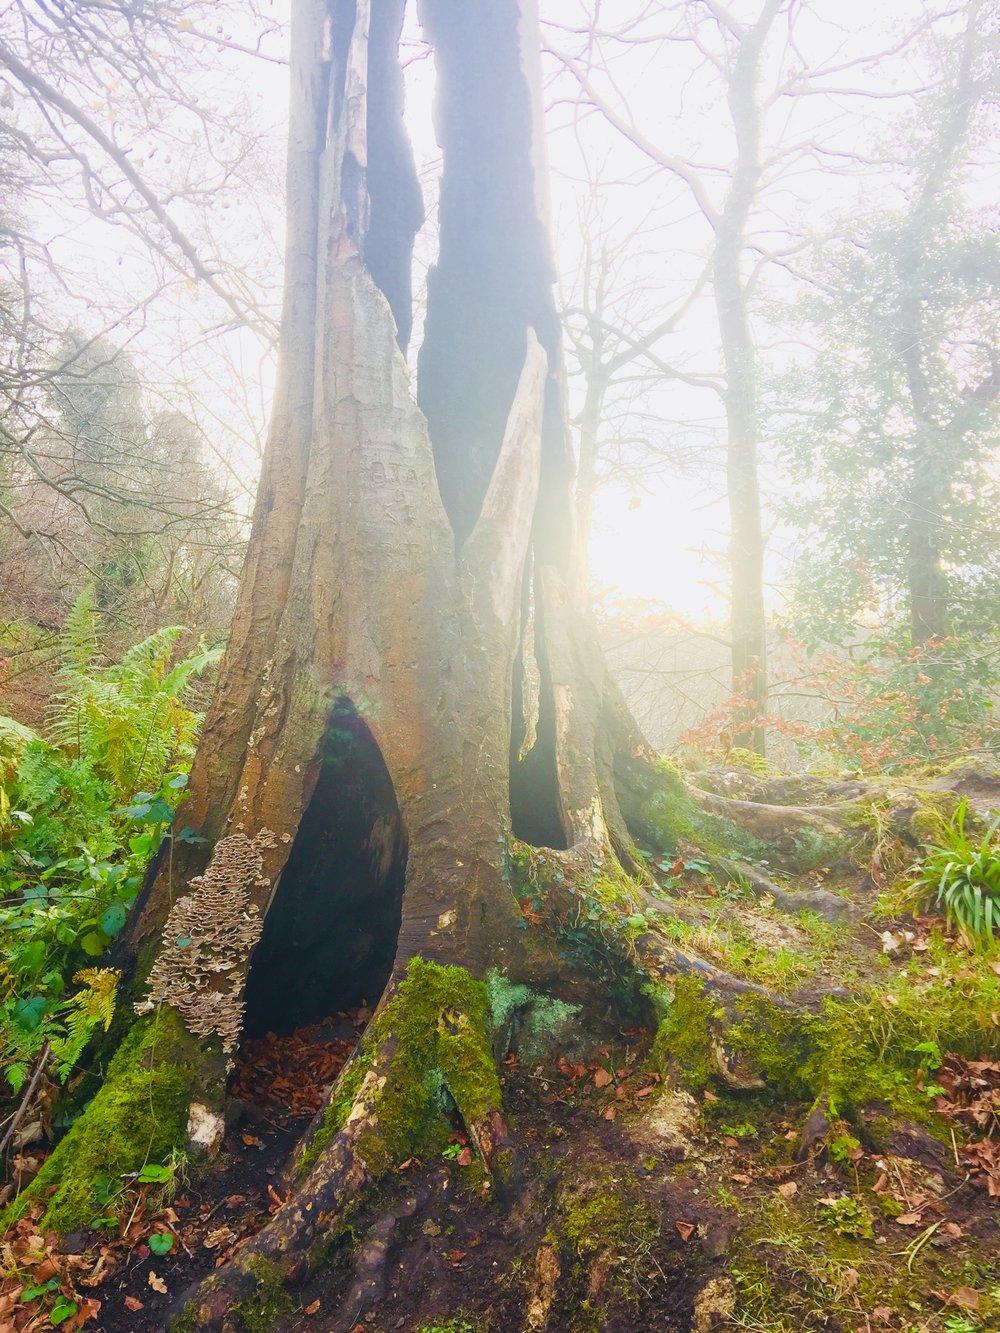 Spirit Tree in Roslin Glen, Scotland 2017